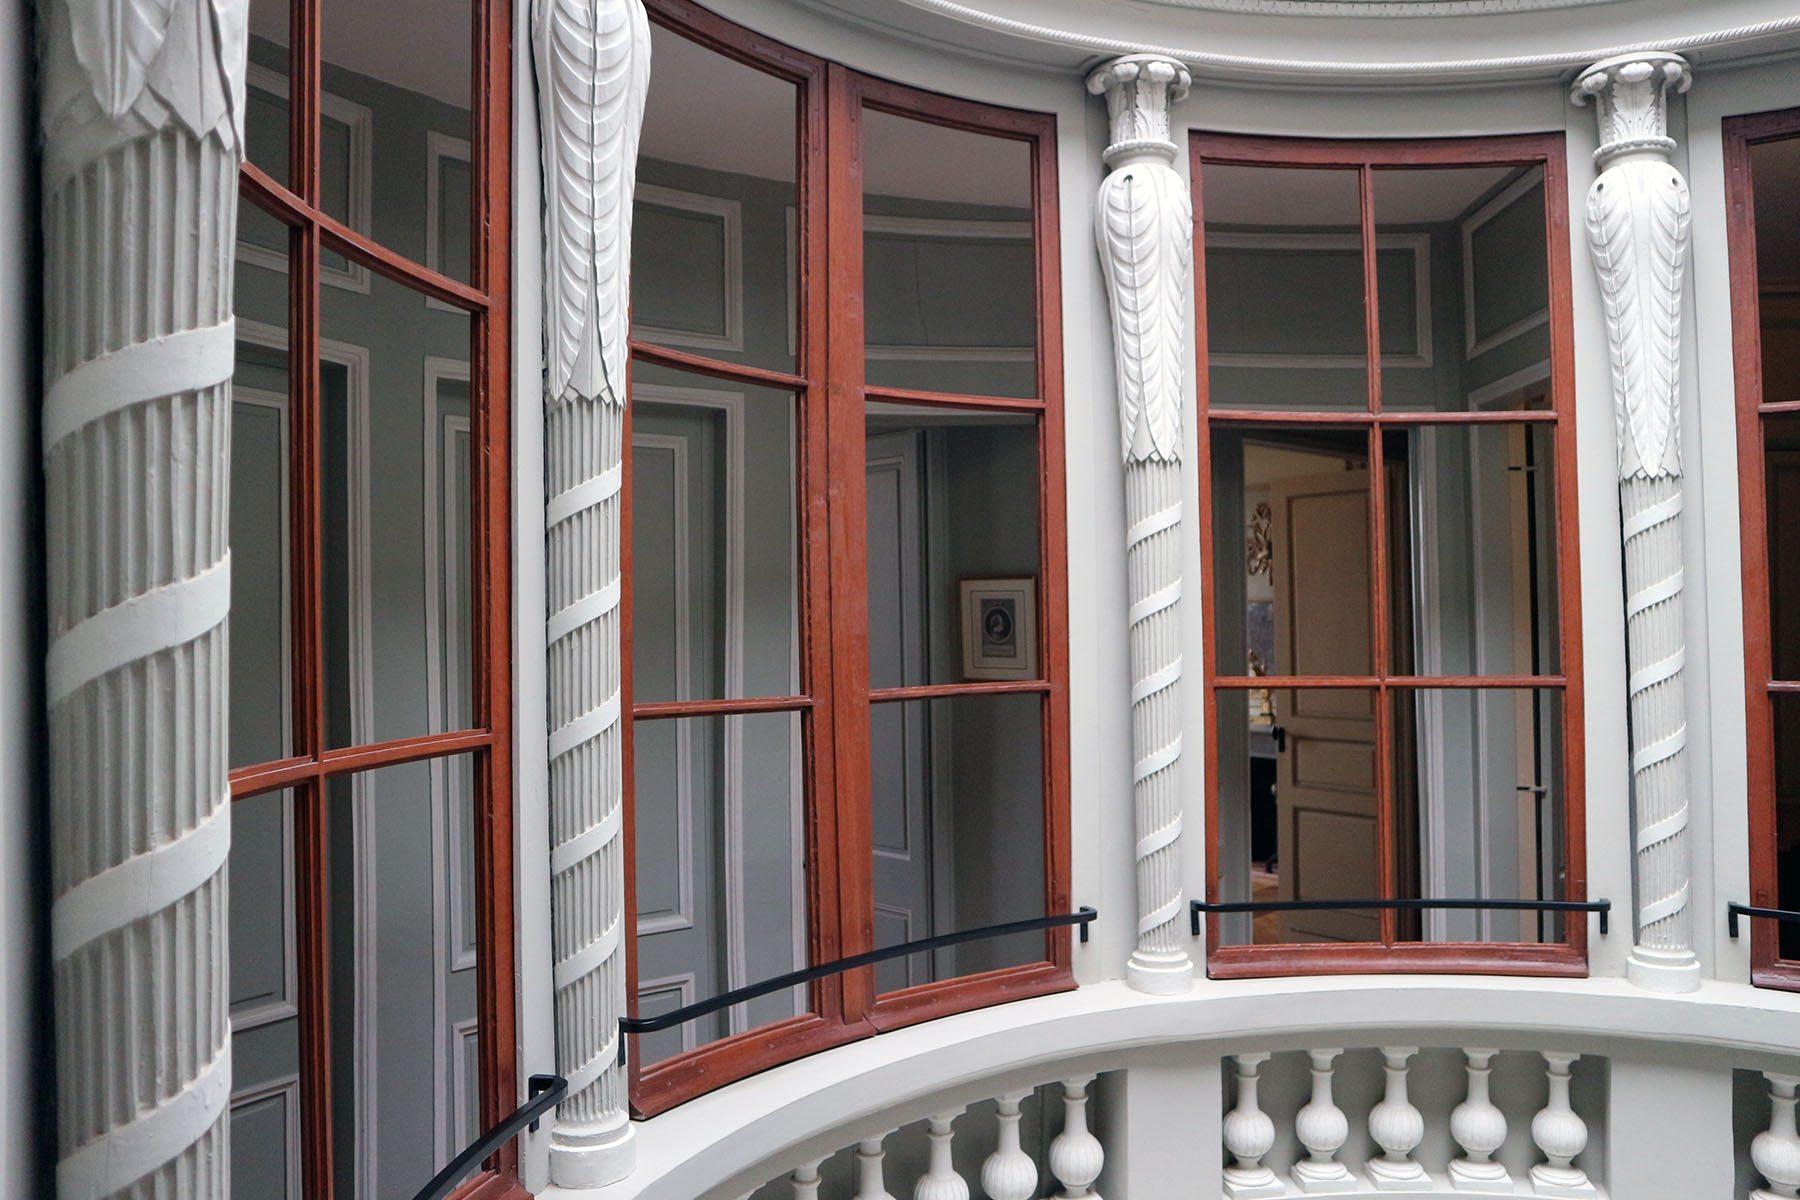 Parcours Les Bassins. Das Zentrum bildet ein außergewöhnlicher Lichthof. Der Architekt Paul-Michel Thibault hatte zuvor Le Havres Festungen und eine ganze Reihe Leuchtürme realisert. Für das Maison de l'Armateur entwarf er eine invertierte Variante der Türme. Durch den oktogonalen Hof konnten alle innenliegenden Zimmer natürlich belichtet werden.